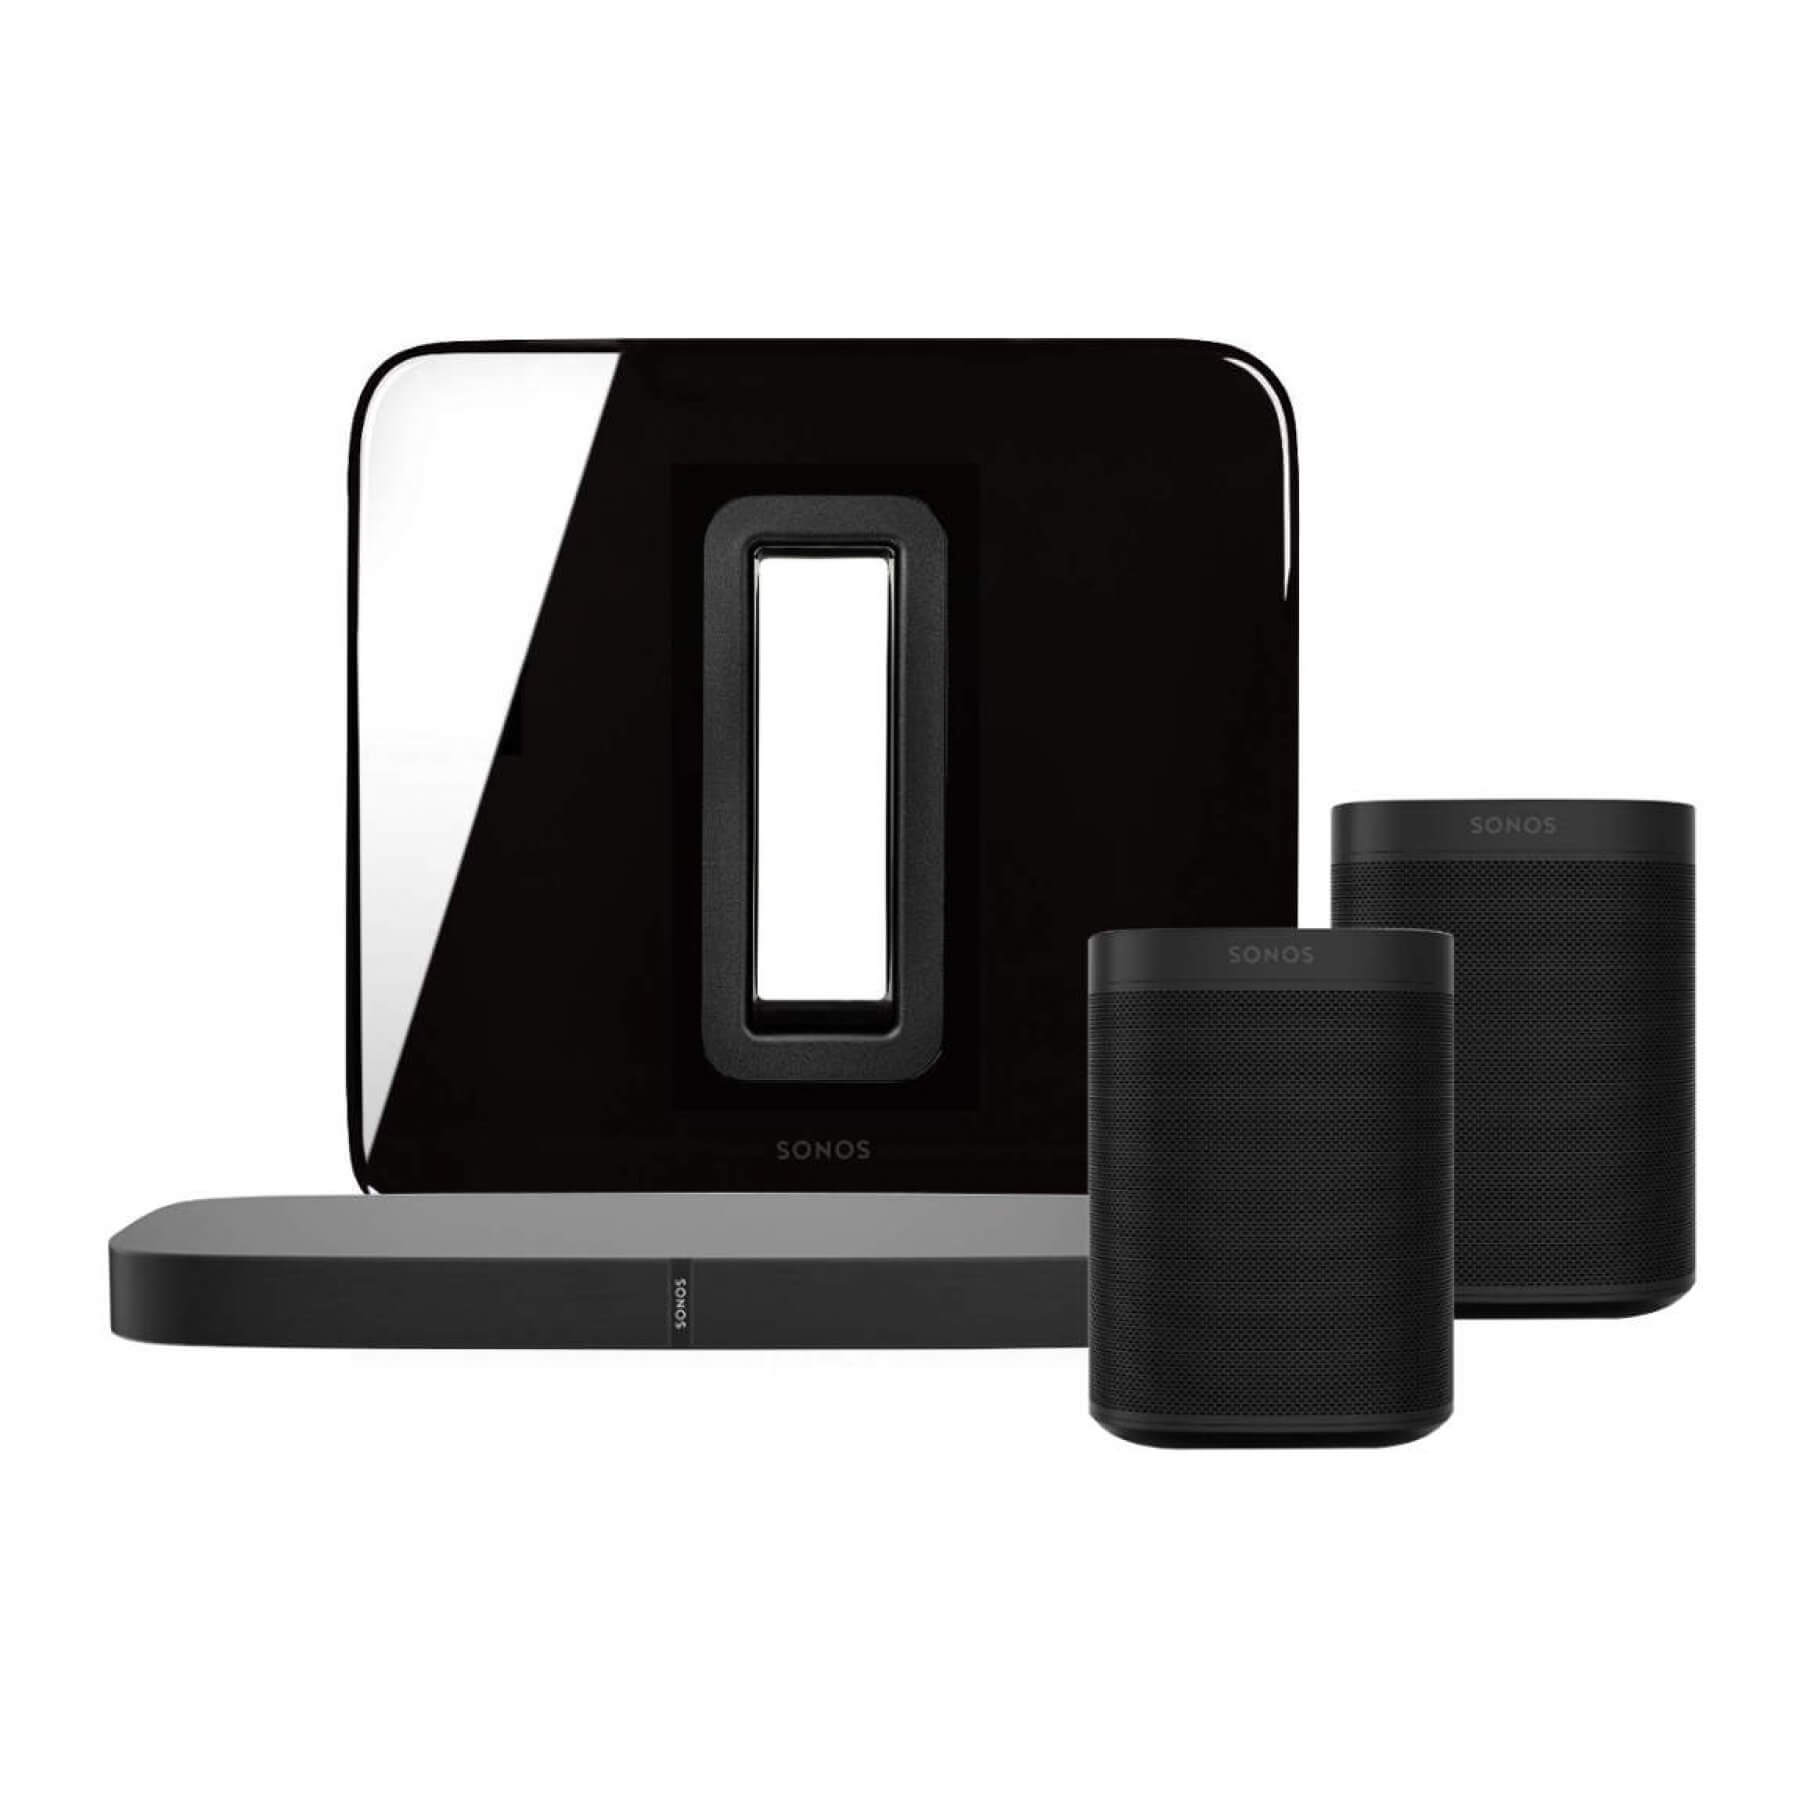 sonos playbase 5 1 heimkino set kaufen tink. Black Bedroom Furniture Sets. Home Design Ideas